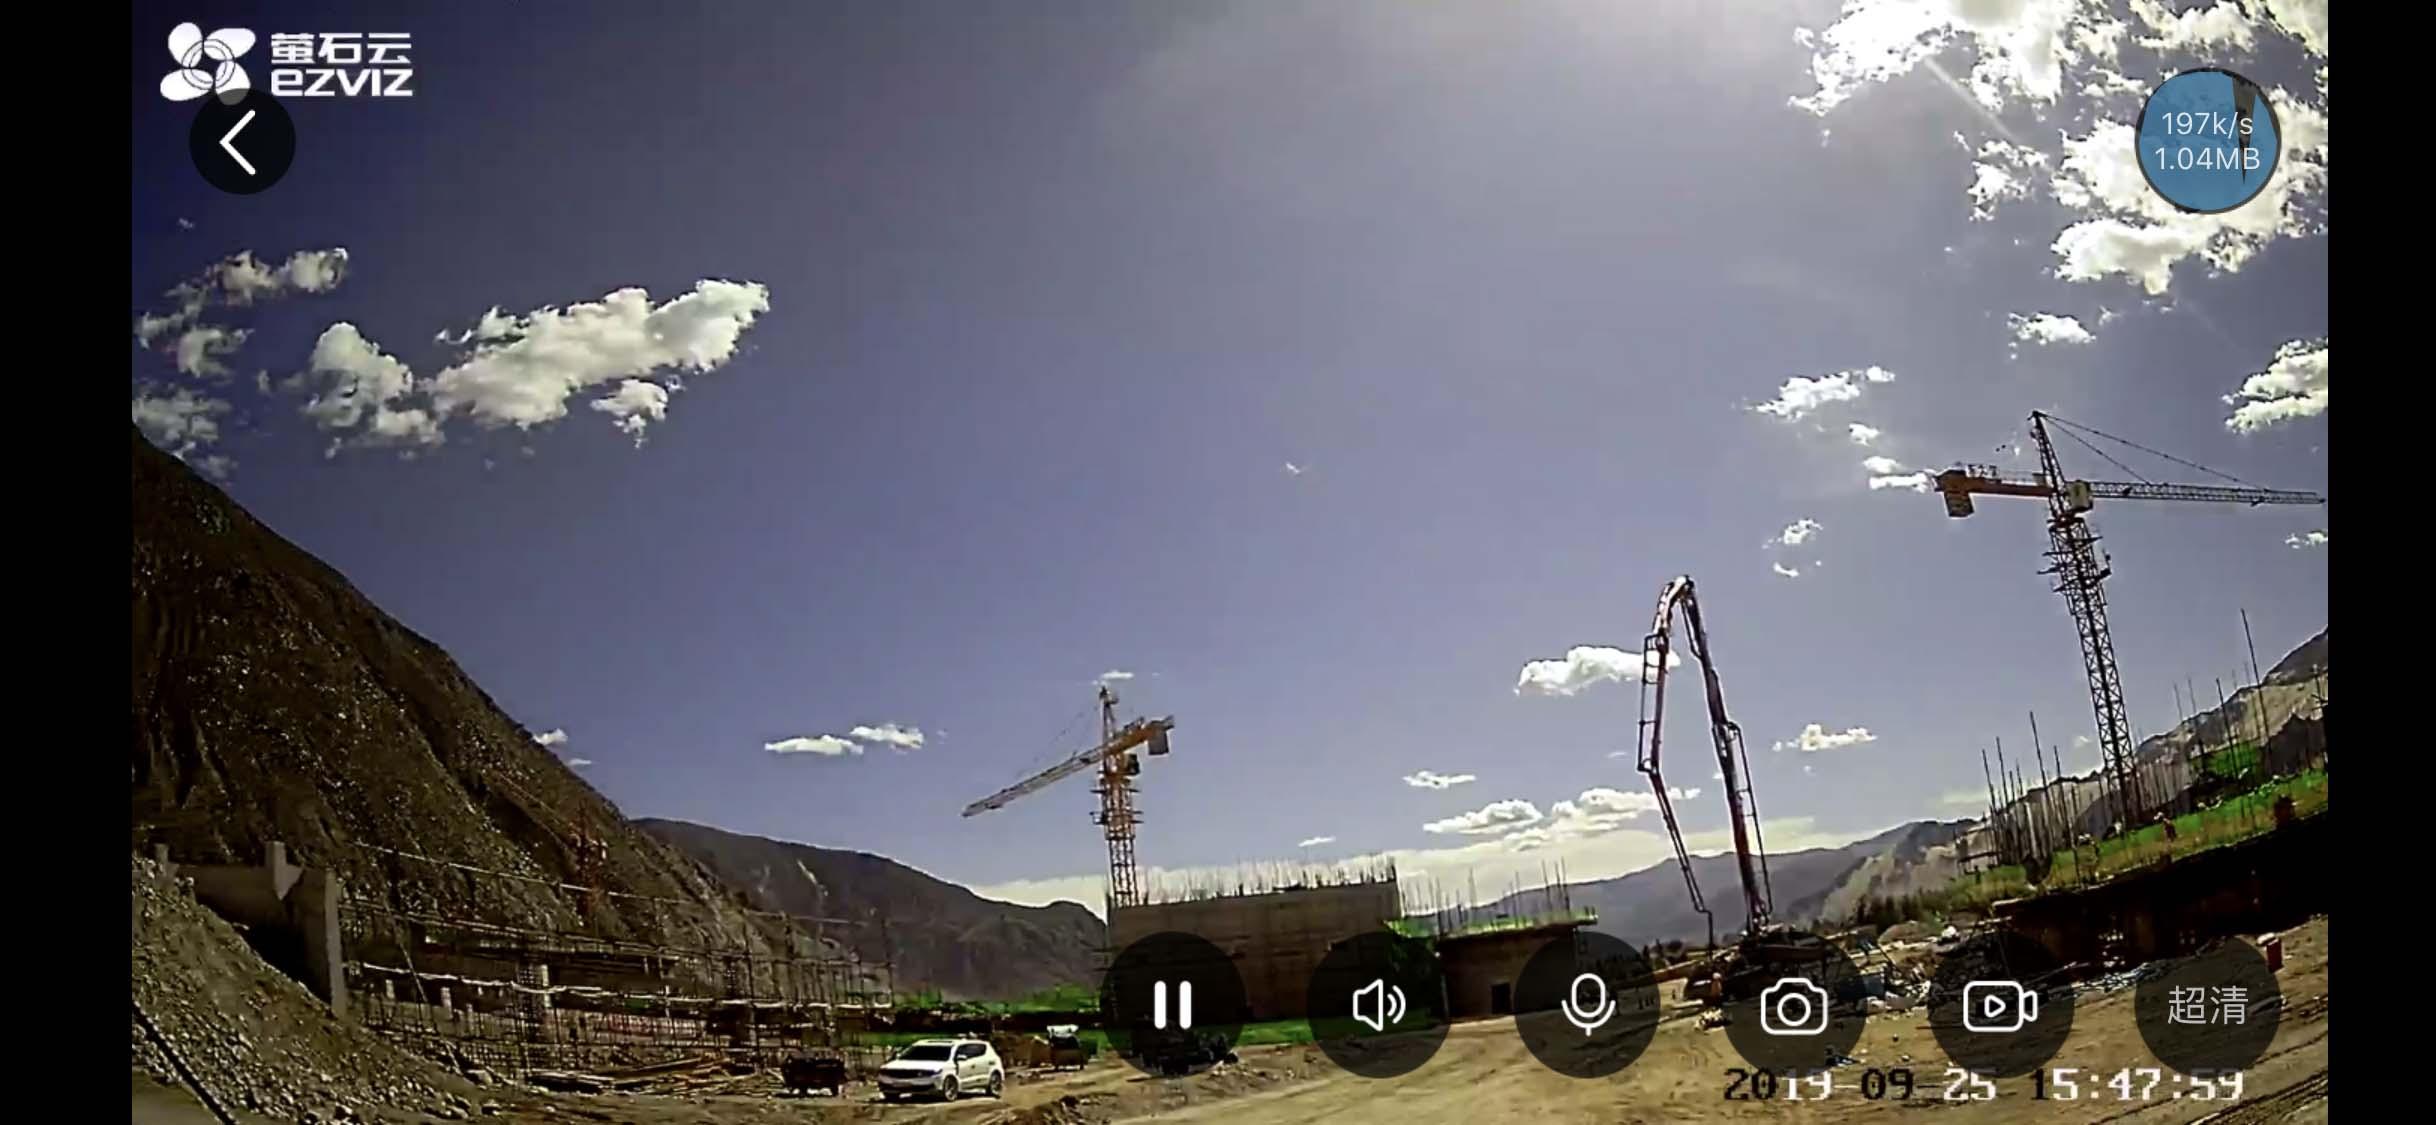 无线高清视频监控效果